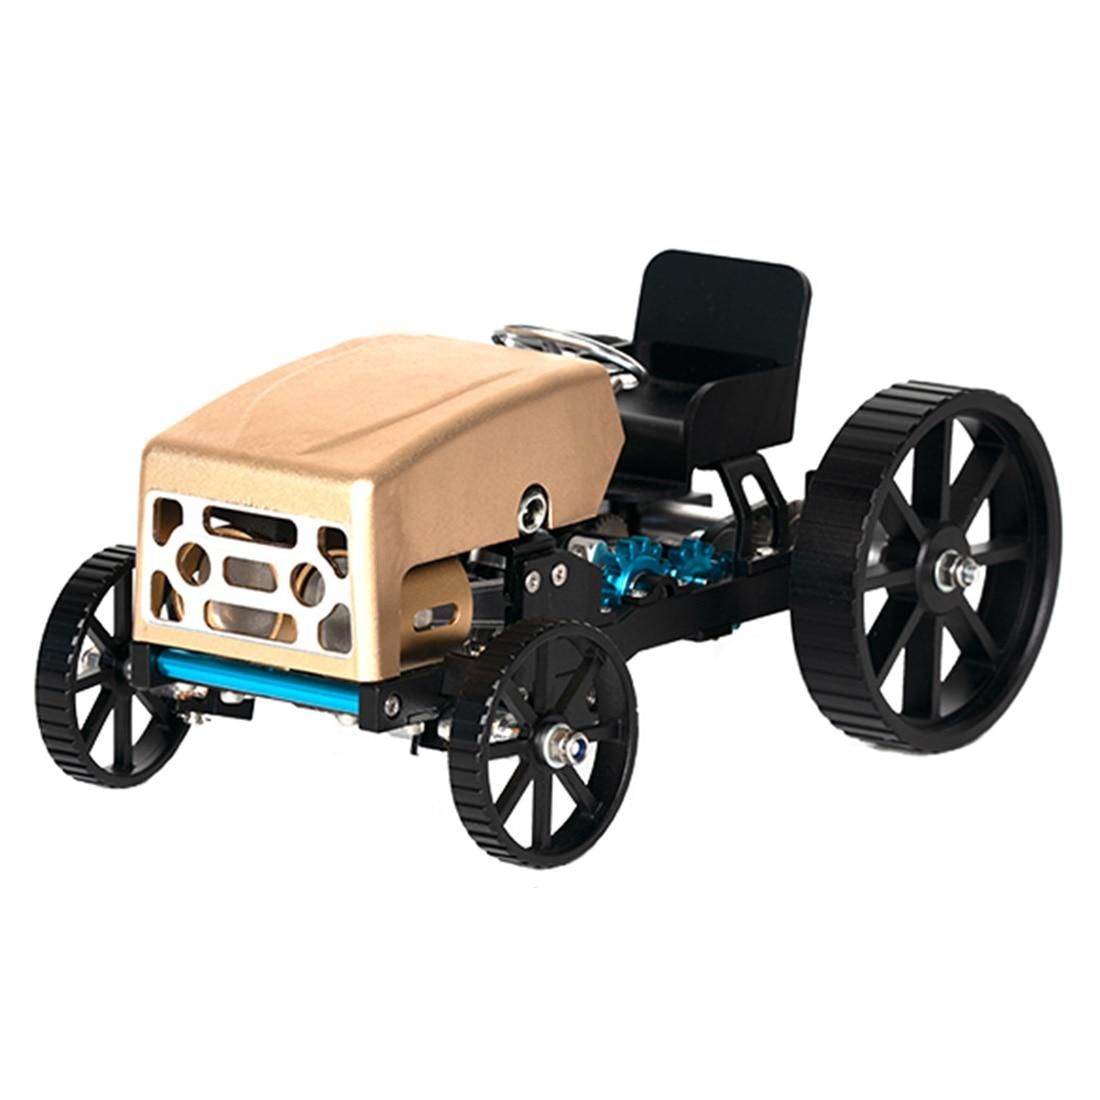 Творческий цельнометаллический Ретро модель автомобиля высокий вызов в собранном виде электрическая модель комплект